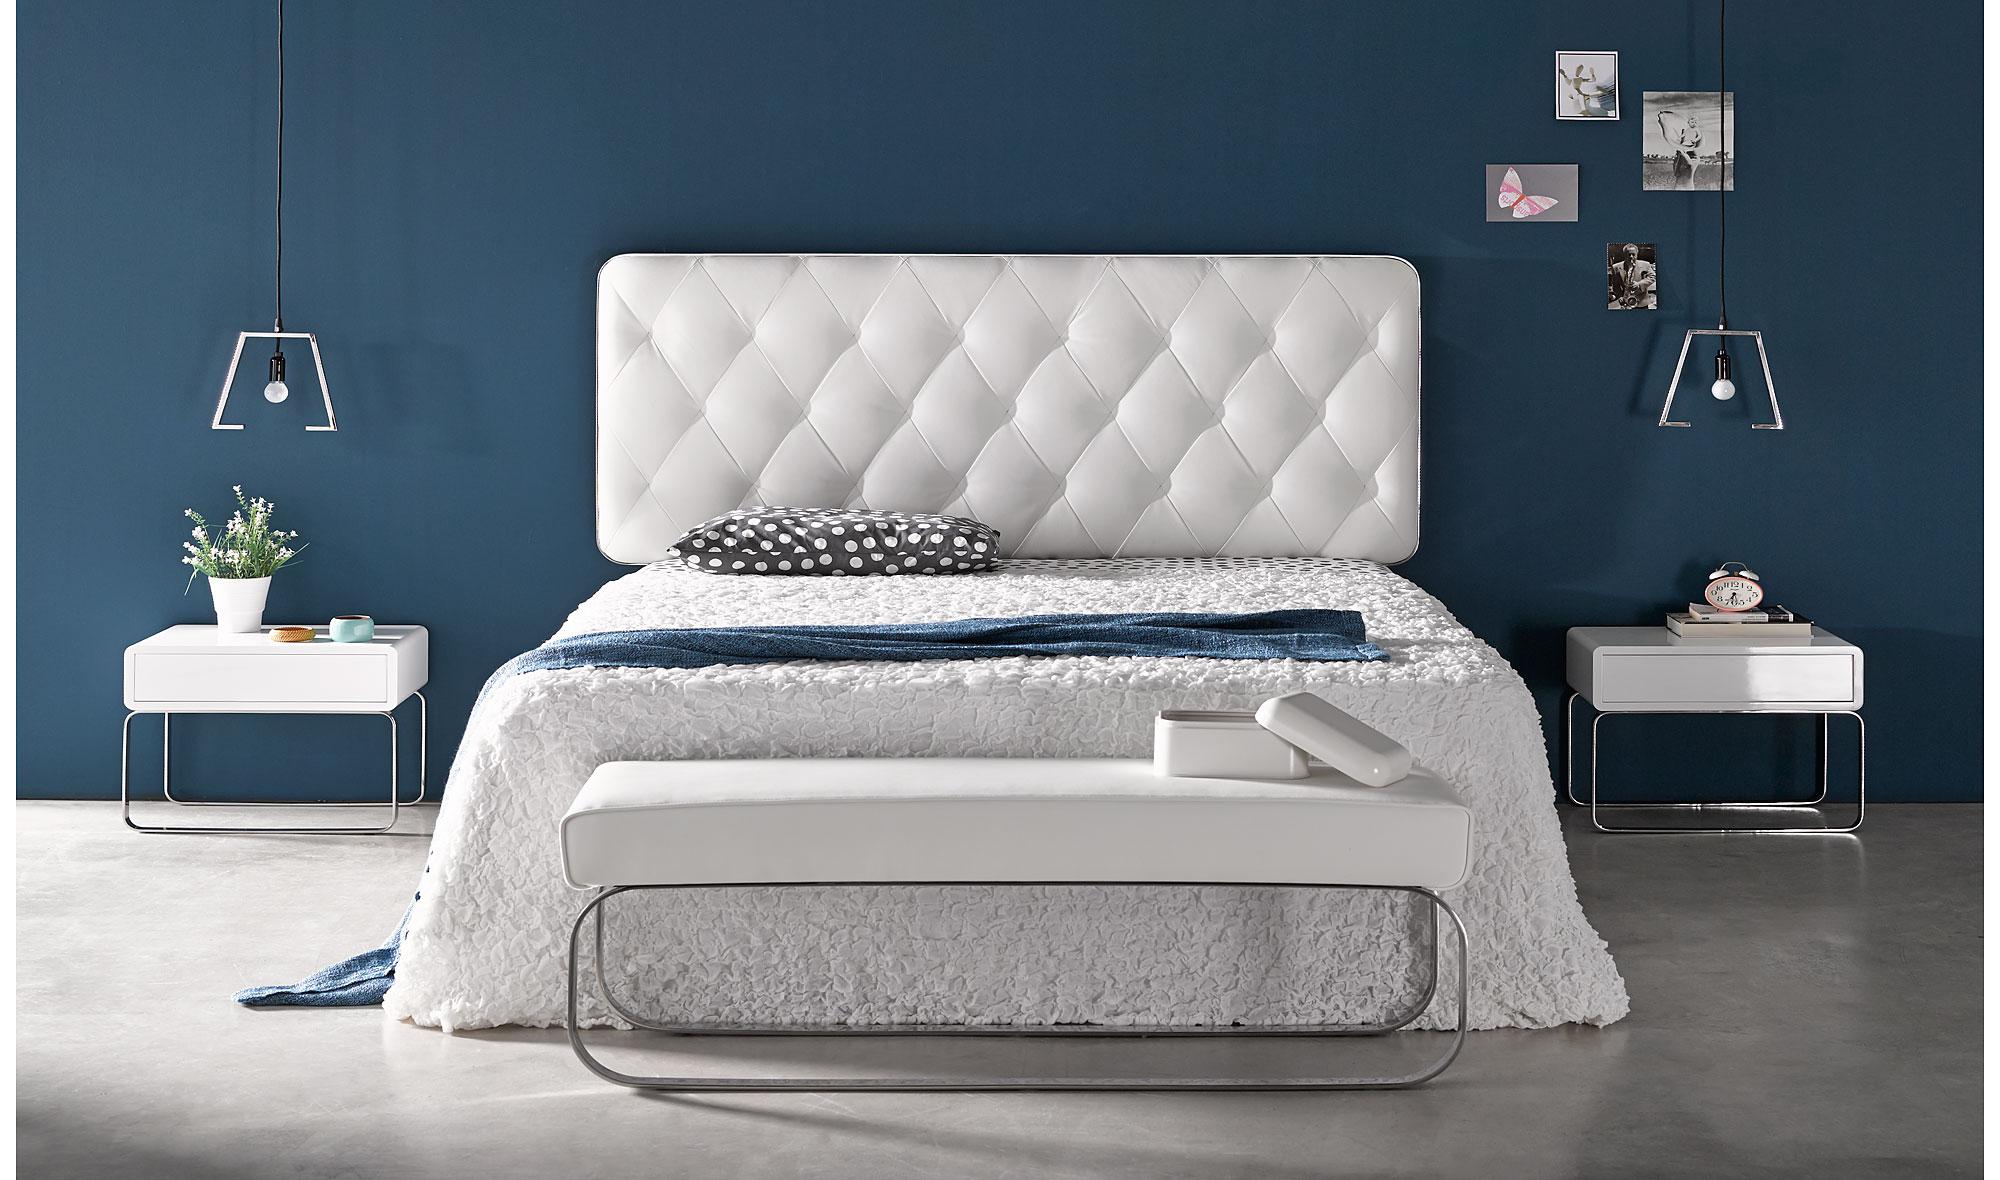 Dormitorios de matrimonio de dise o cehome trucos para for Diseno de muebles para dormitorio de nina